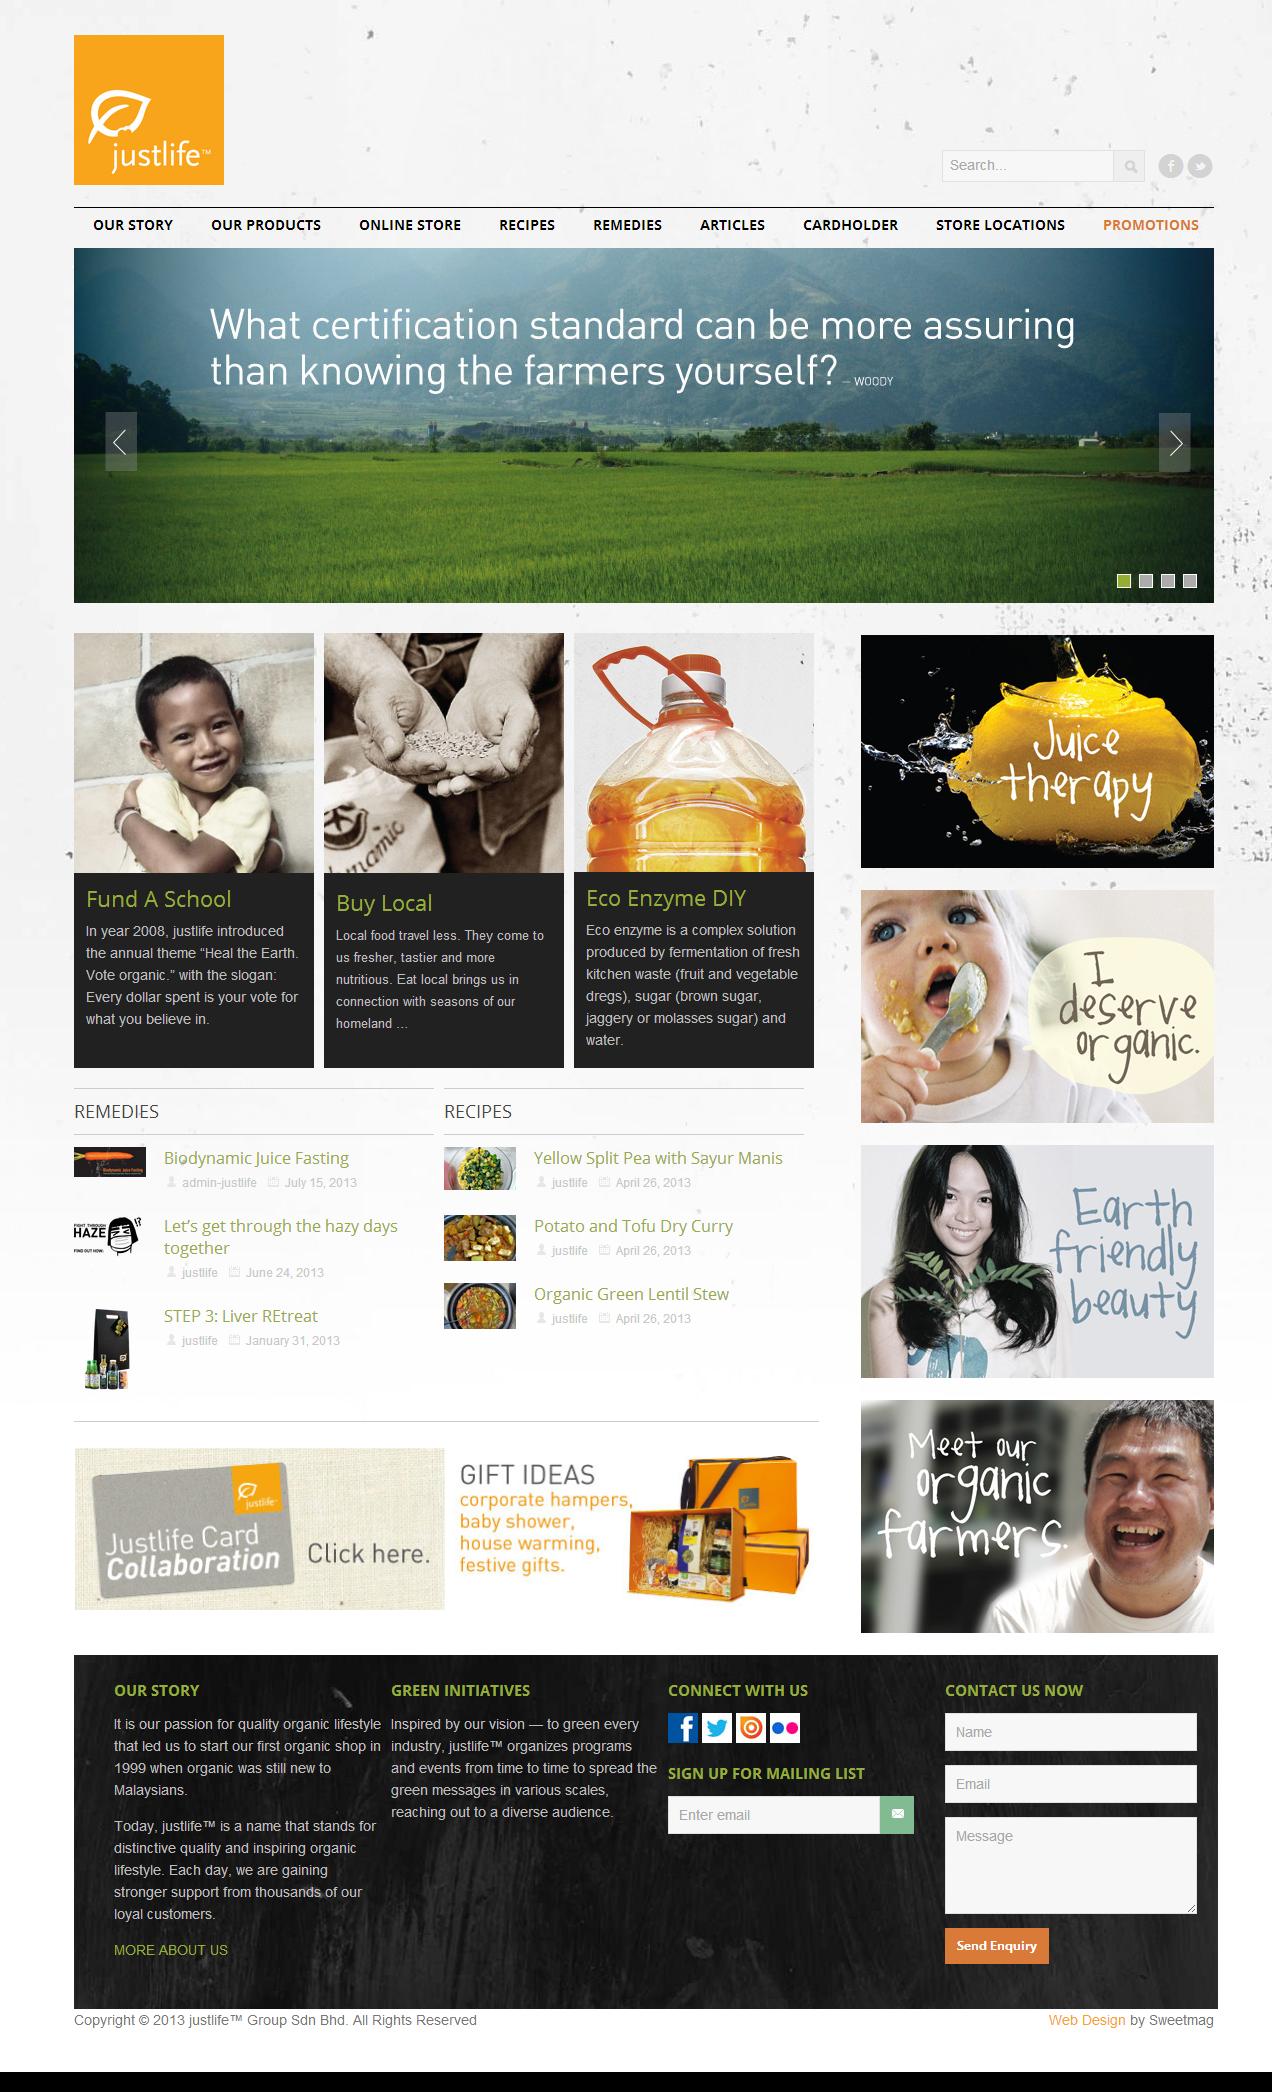 justlife-blog-home